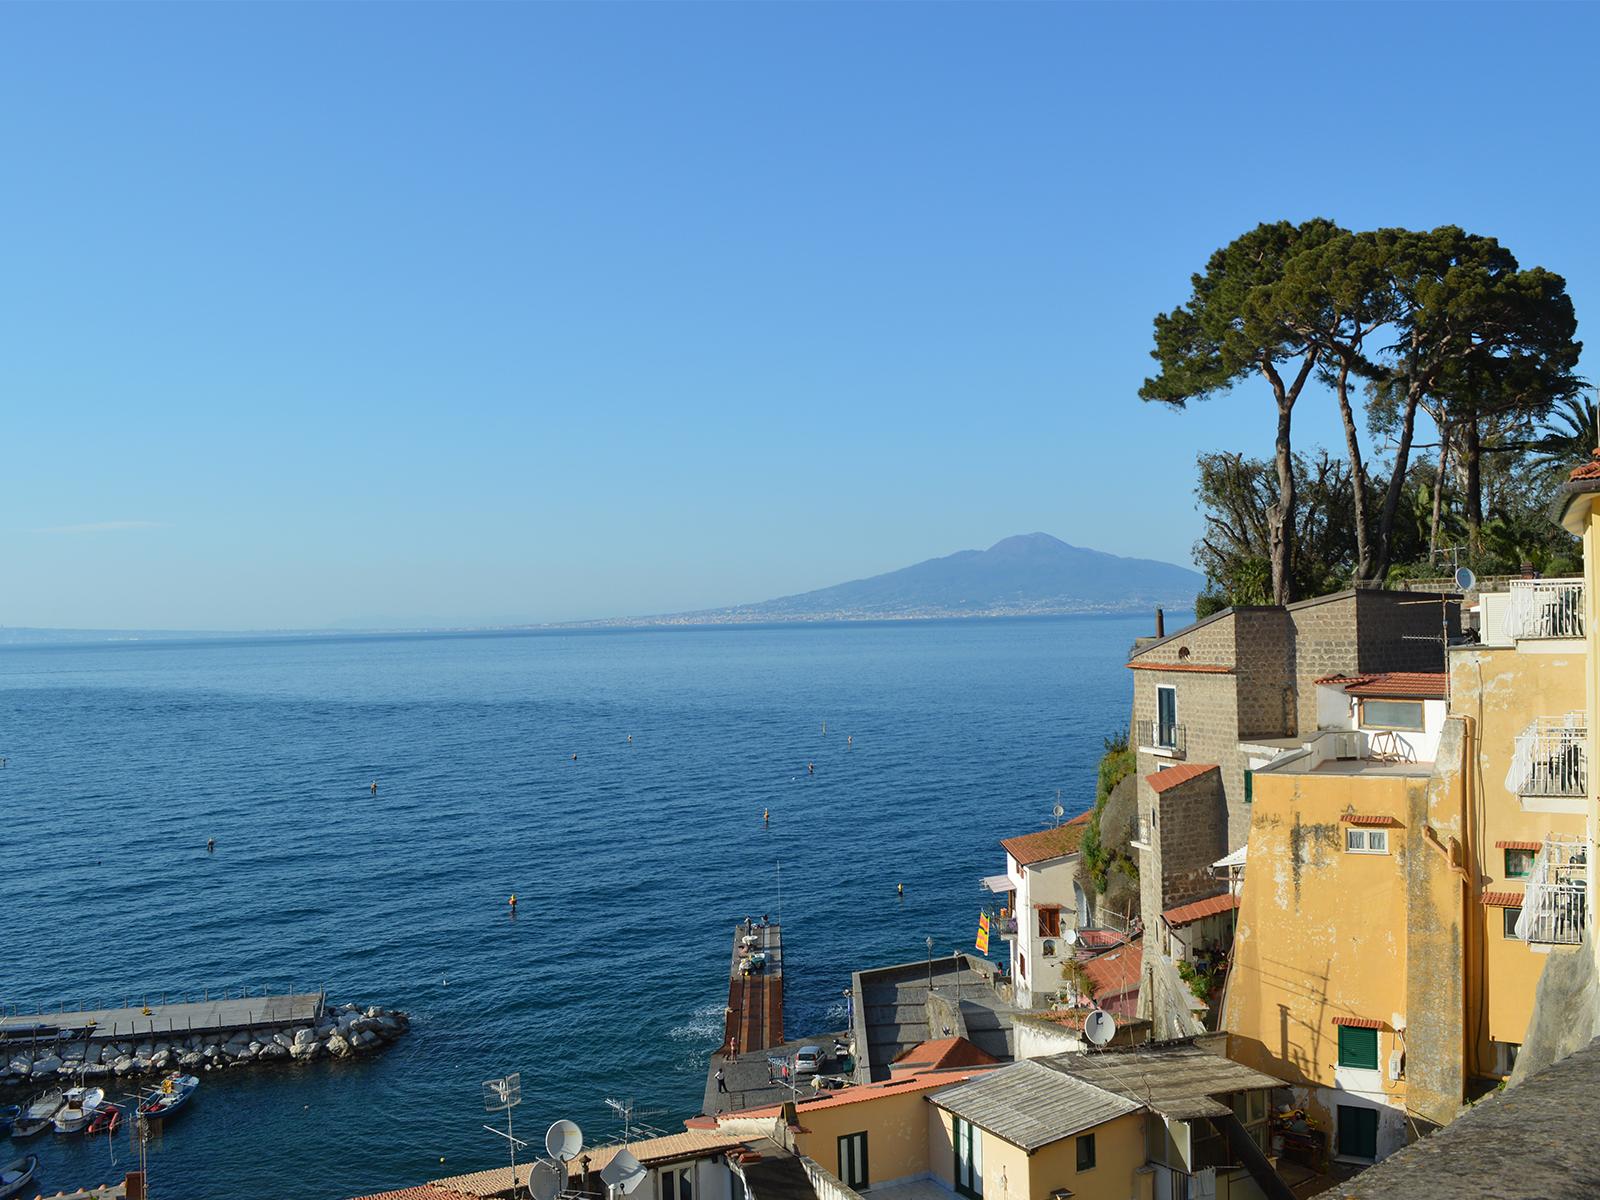 Tassa di soggiorno a Sorrento: cosa cambia e come verranno impiegati i proventi